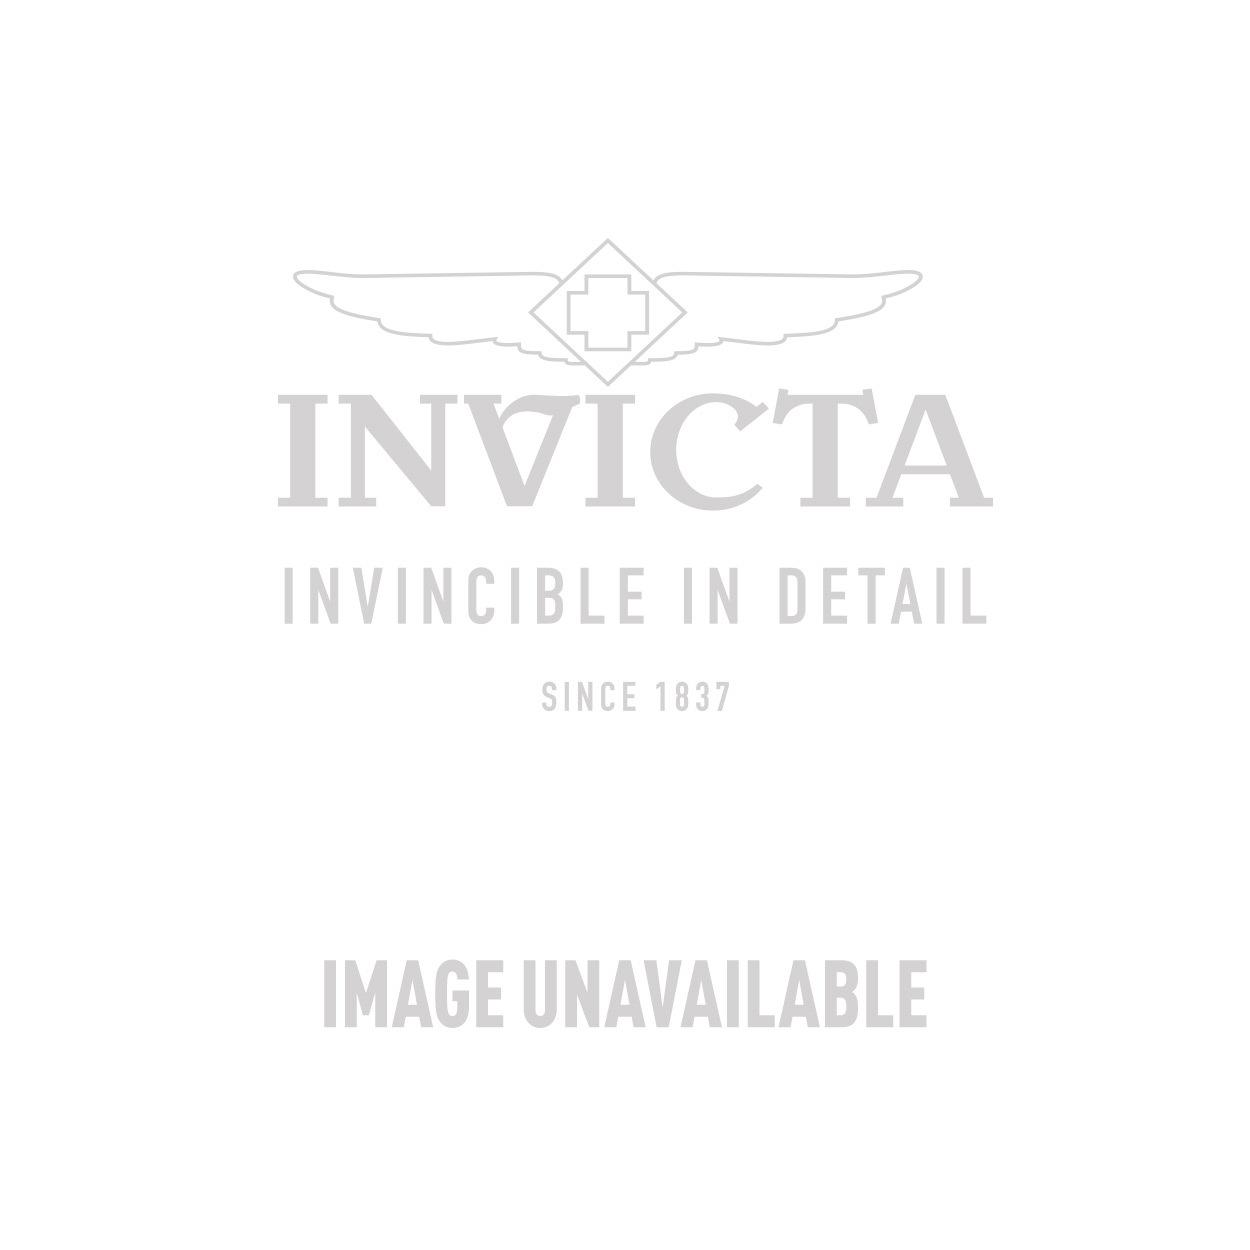 Invicta Model 27651